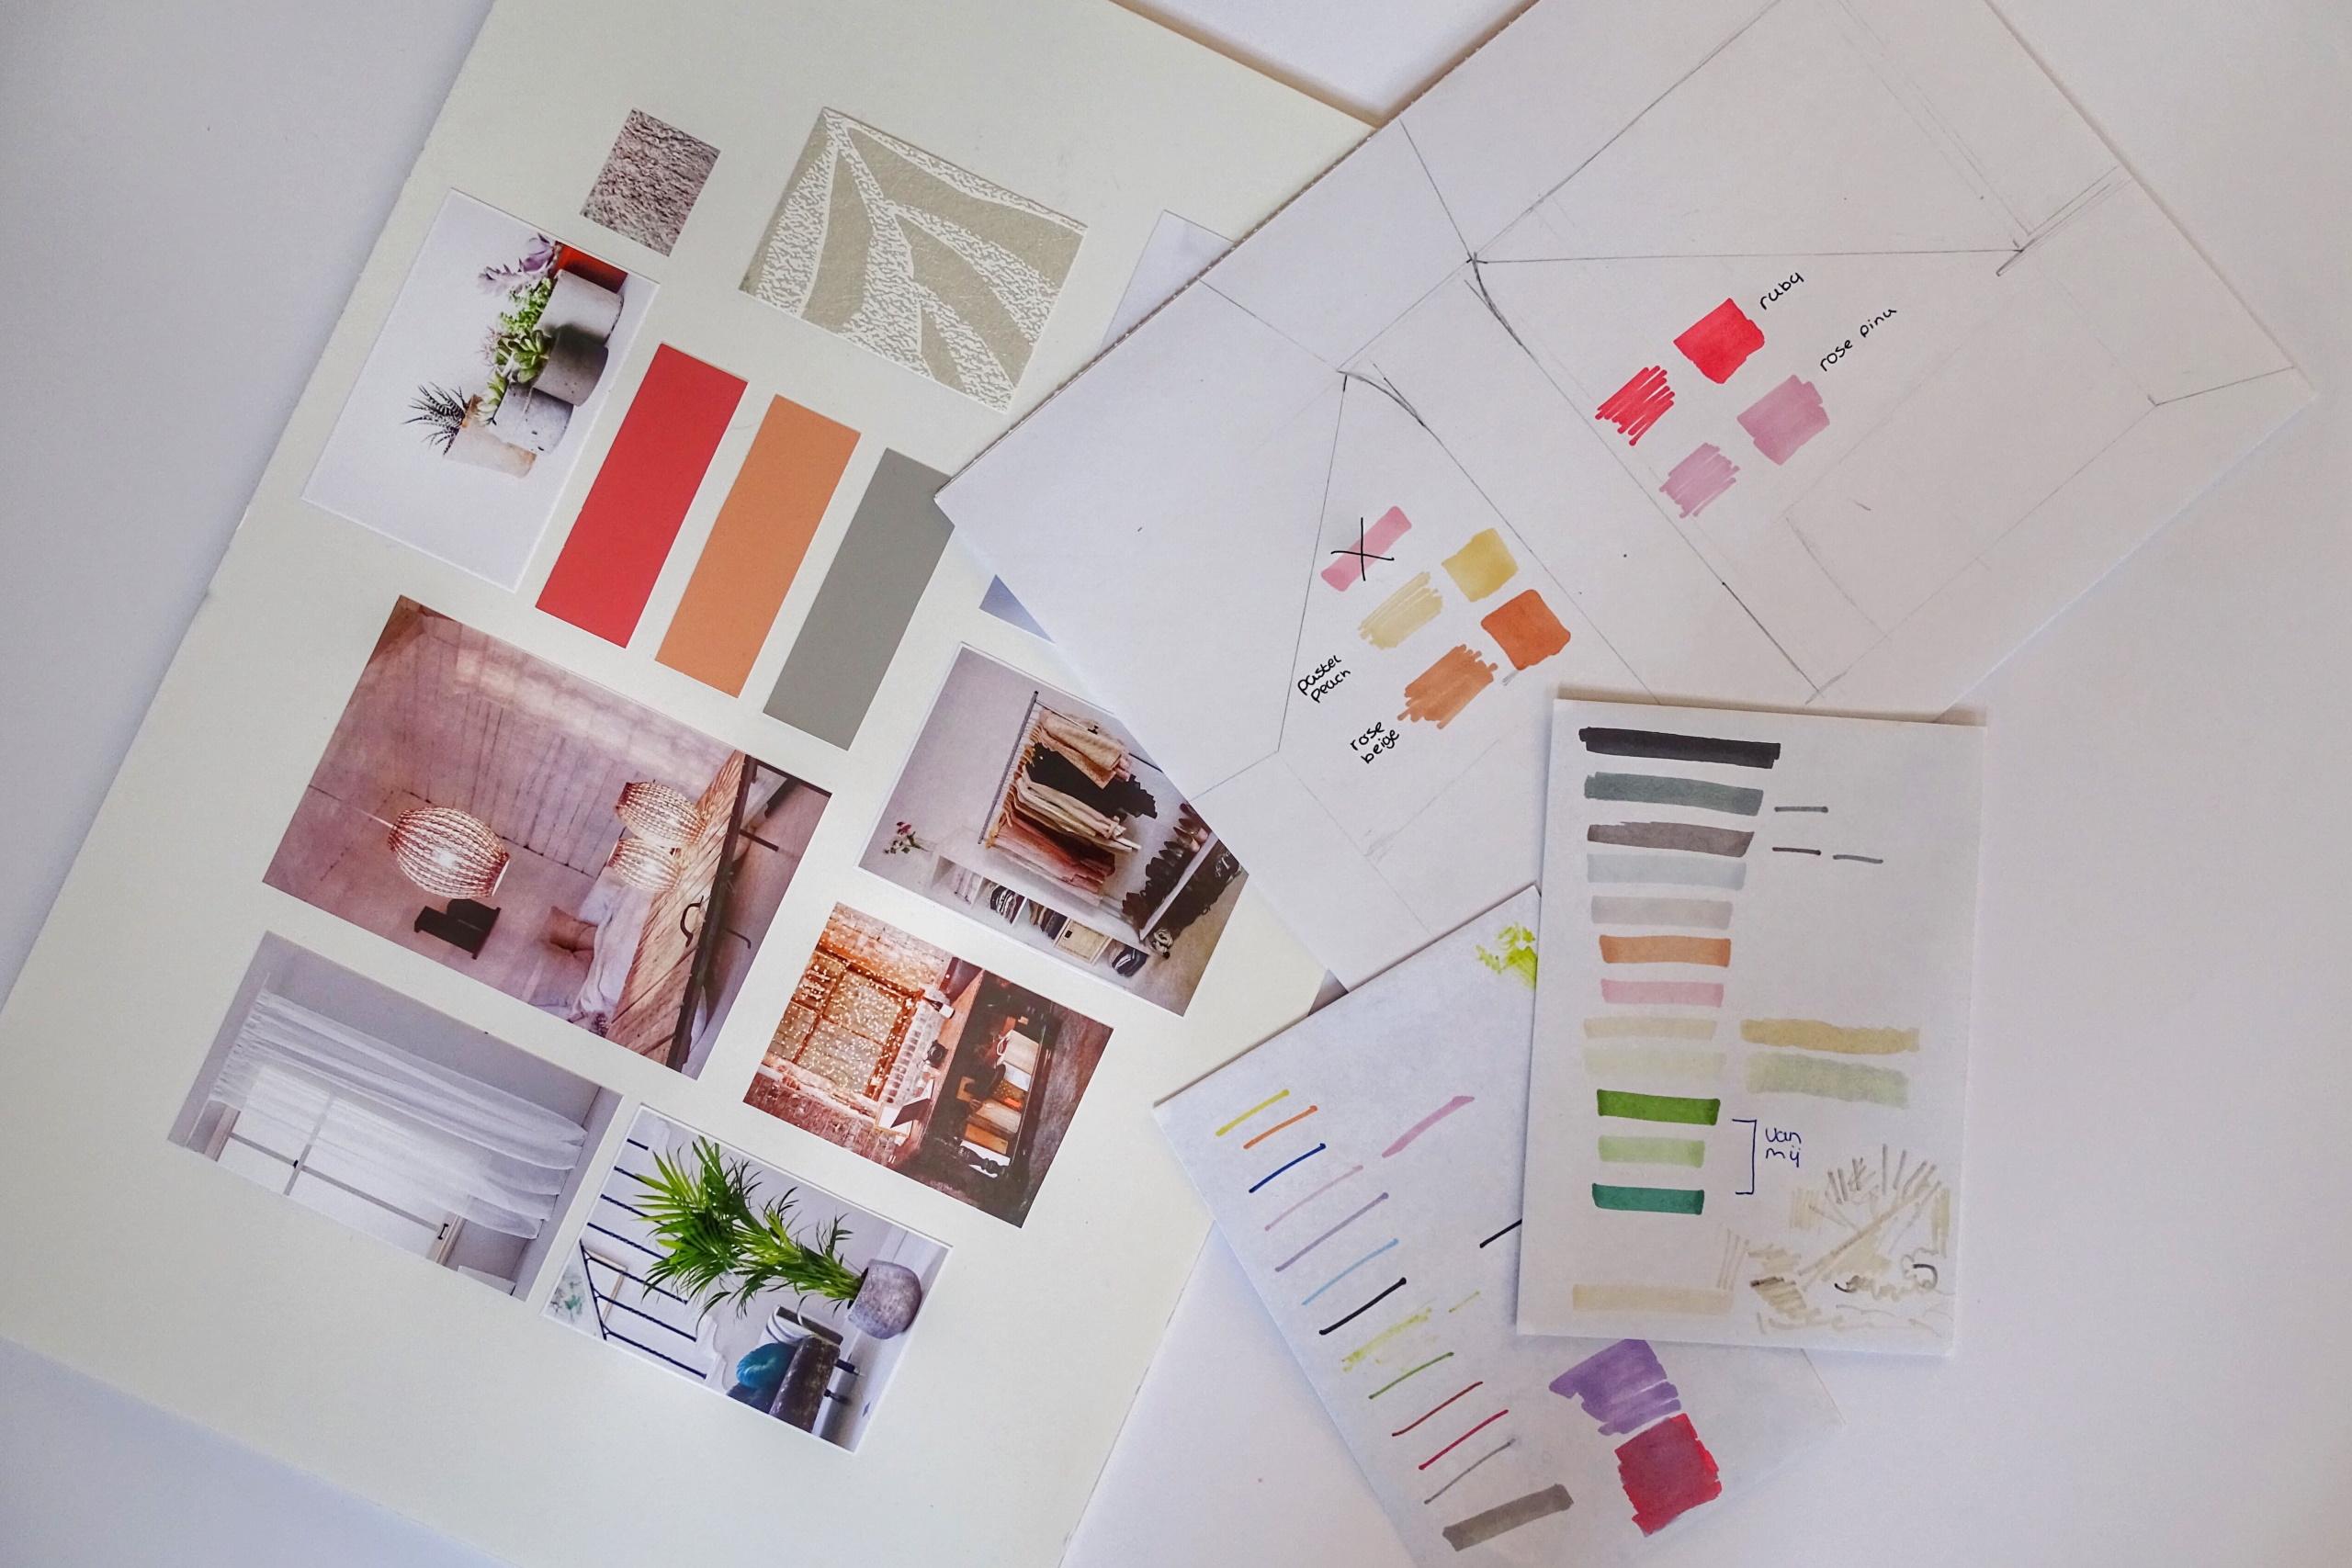 Foto eines Moodboards zum Thema Raumgestaltung und Farbspiel